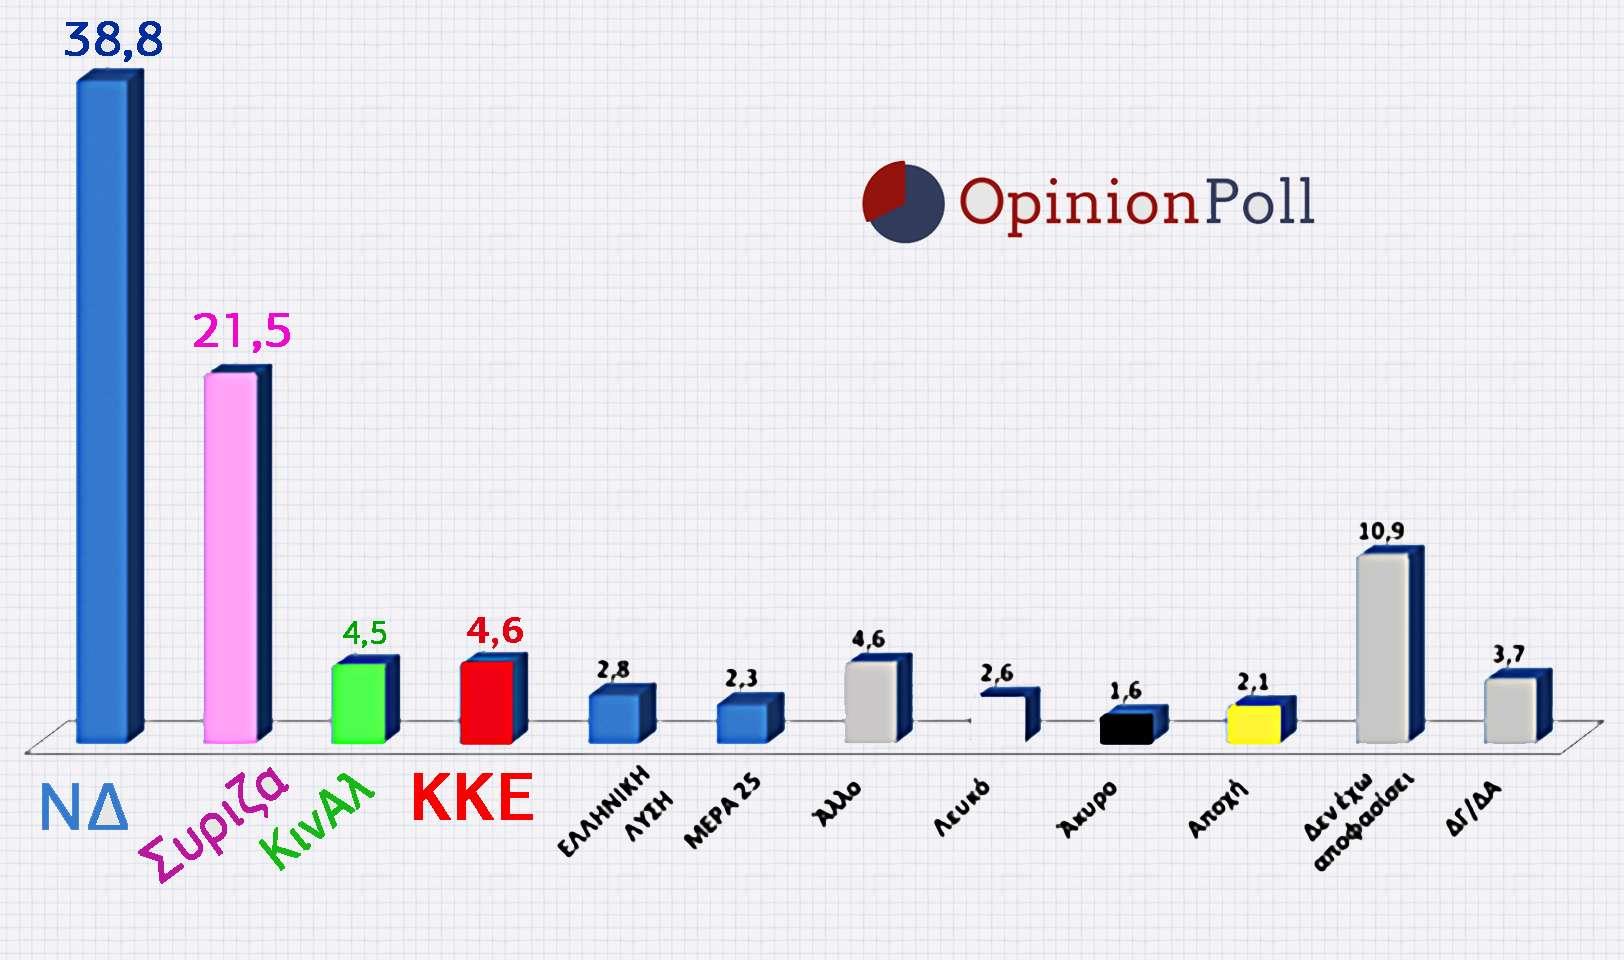 Δημοσκόπηση Opinion Poll το ΚΚΕ 3ο Κόμμα